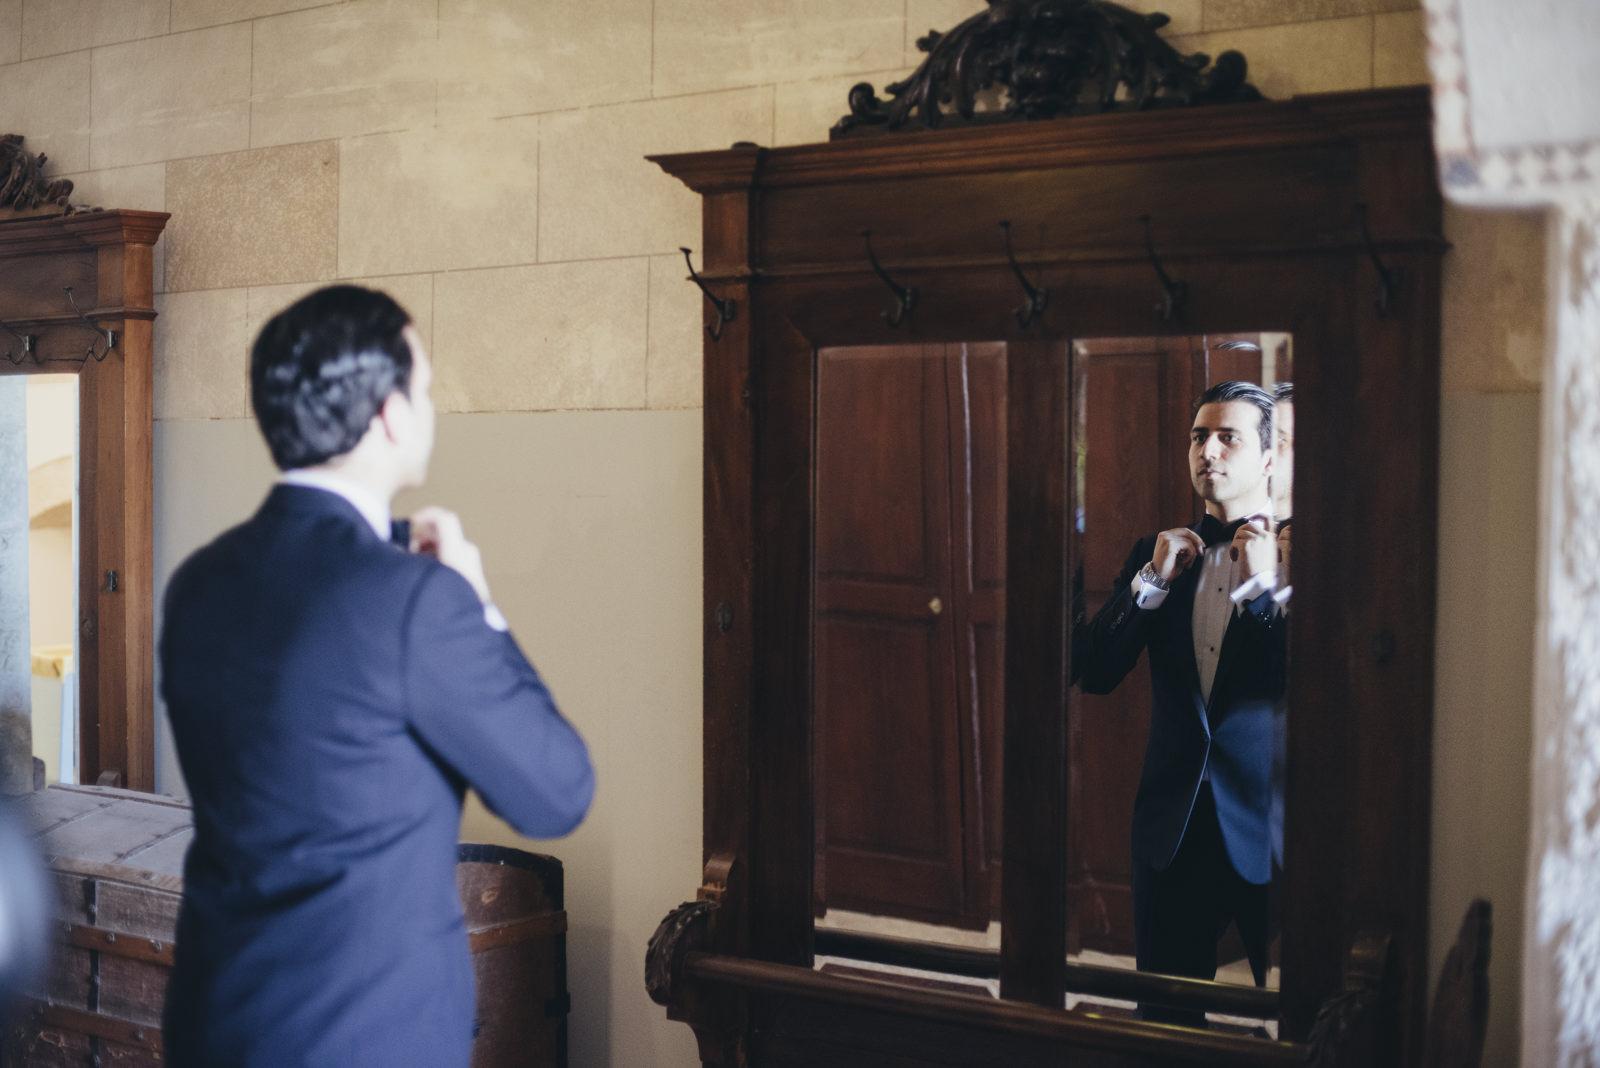 groom adjusting is bow tie